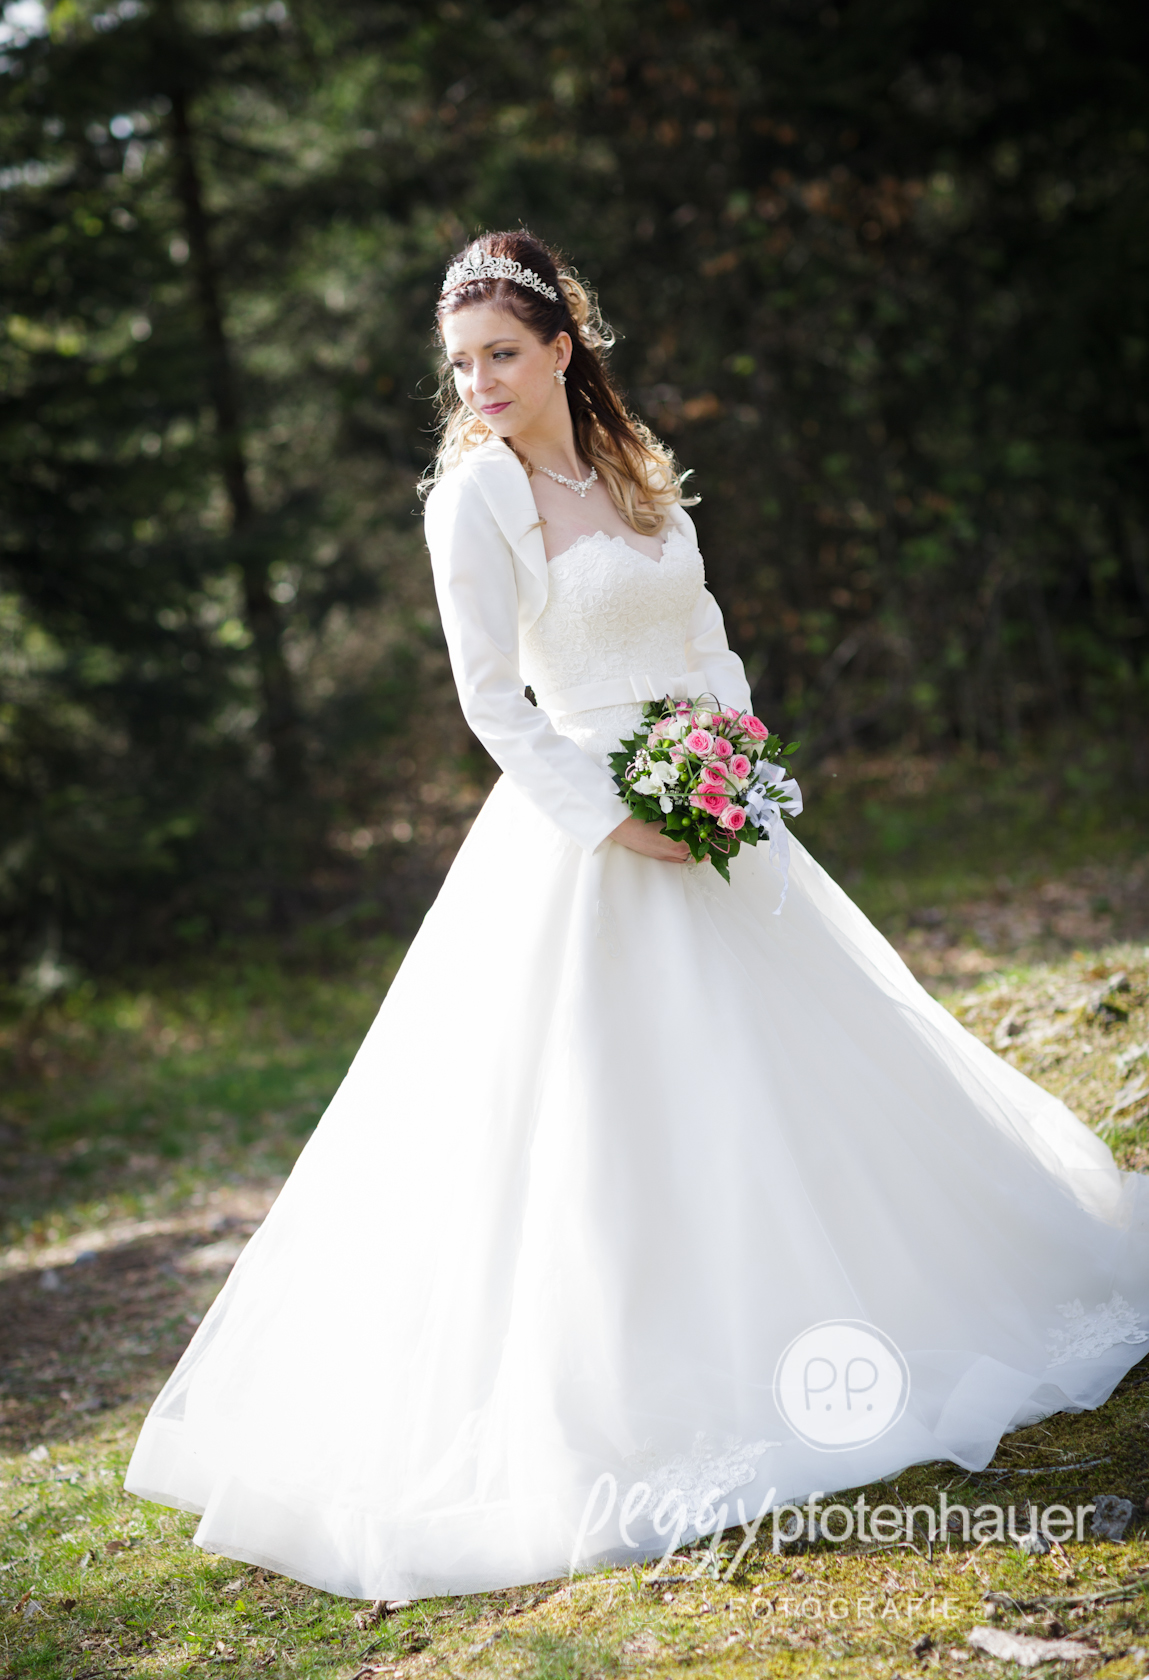 Hochzeitsportraits im Wald Peggy Pfotenhauer Fotografie